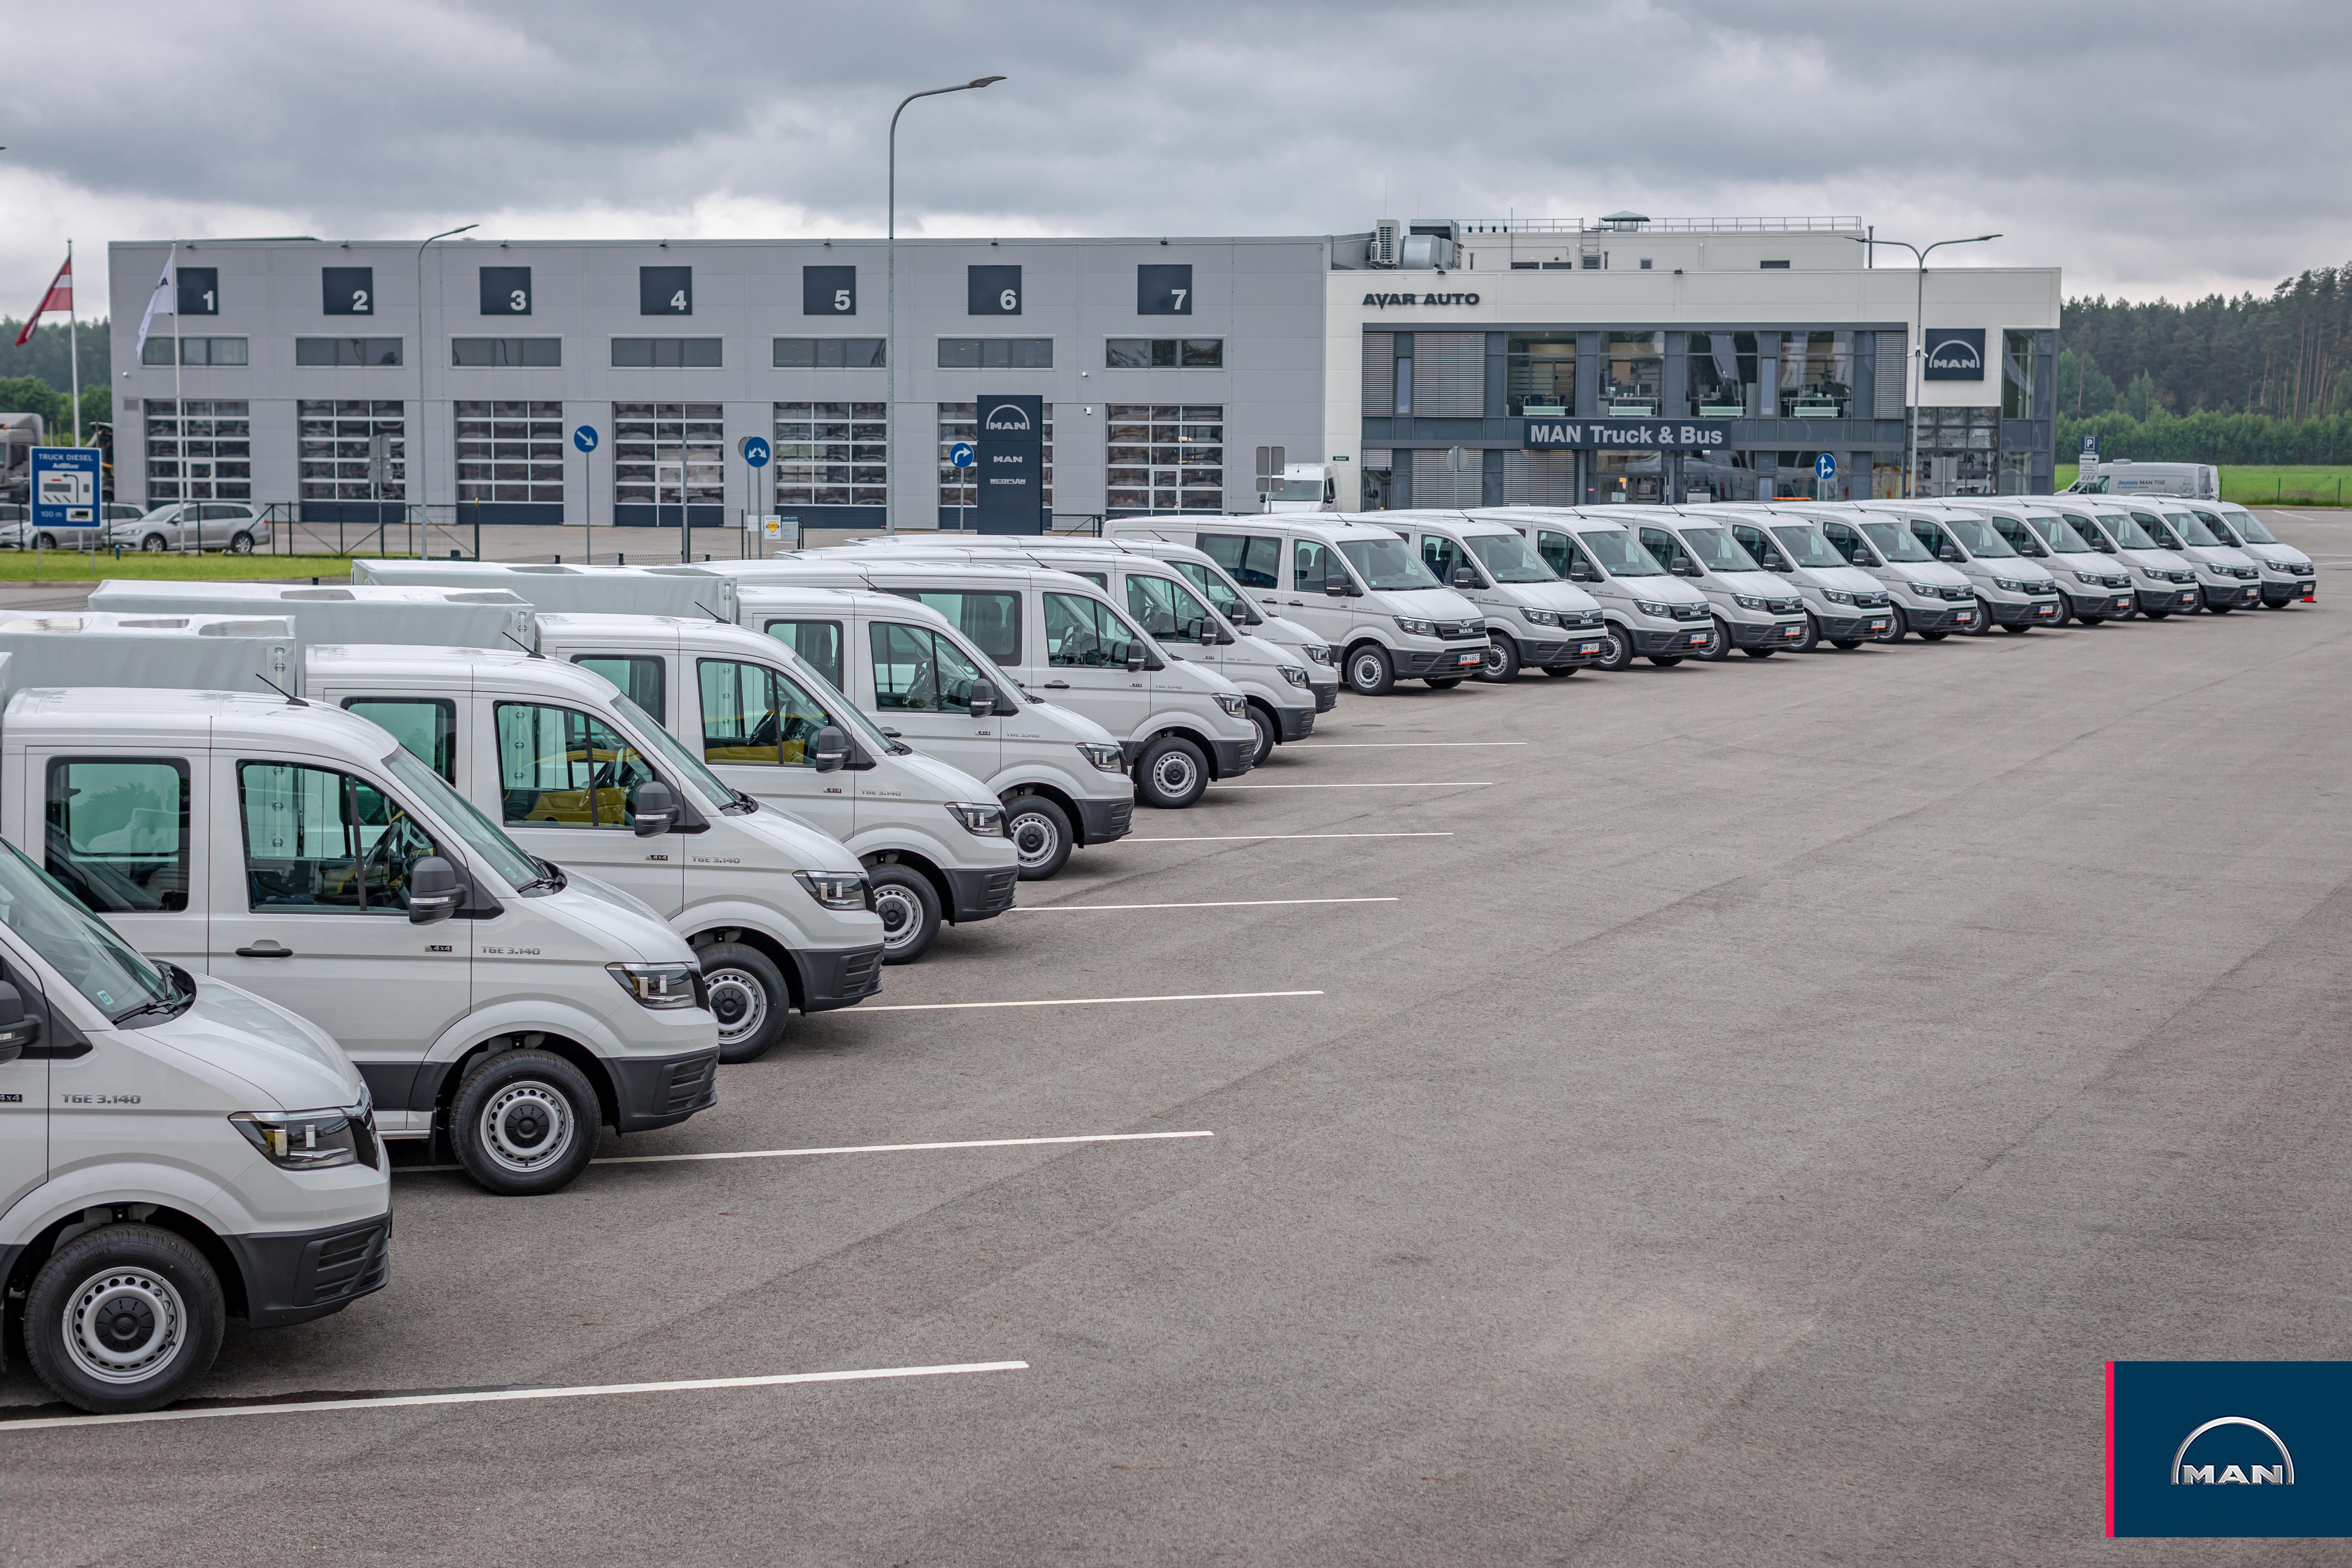 Avar Auto поставил 19 новых грузовых фургонов MAN TGE Латвийской железной дороге